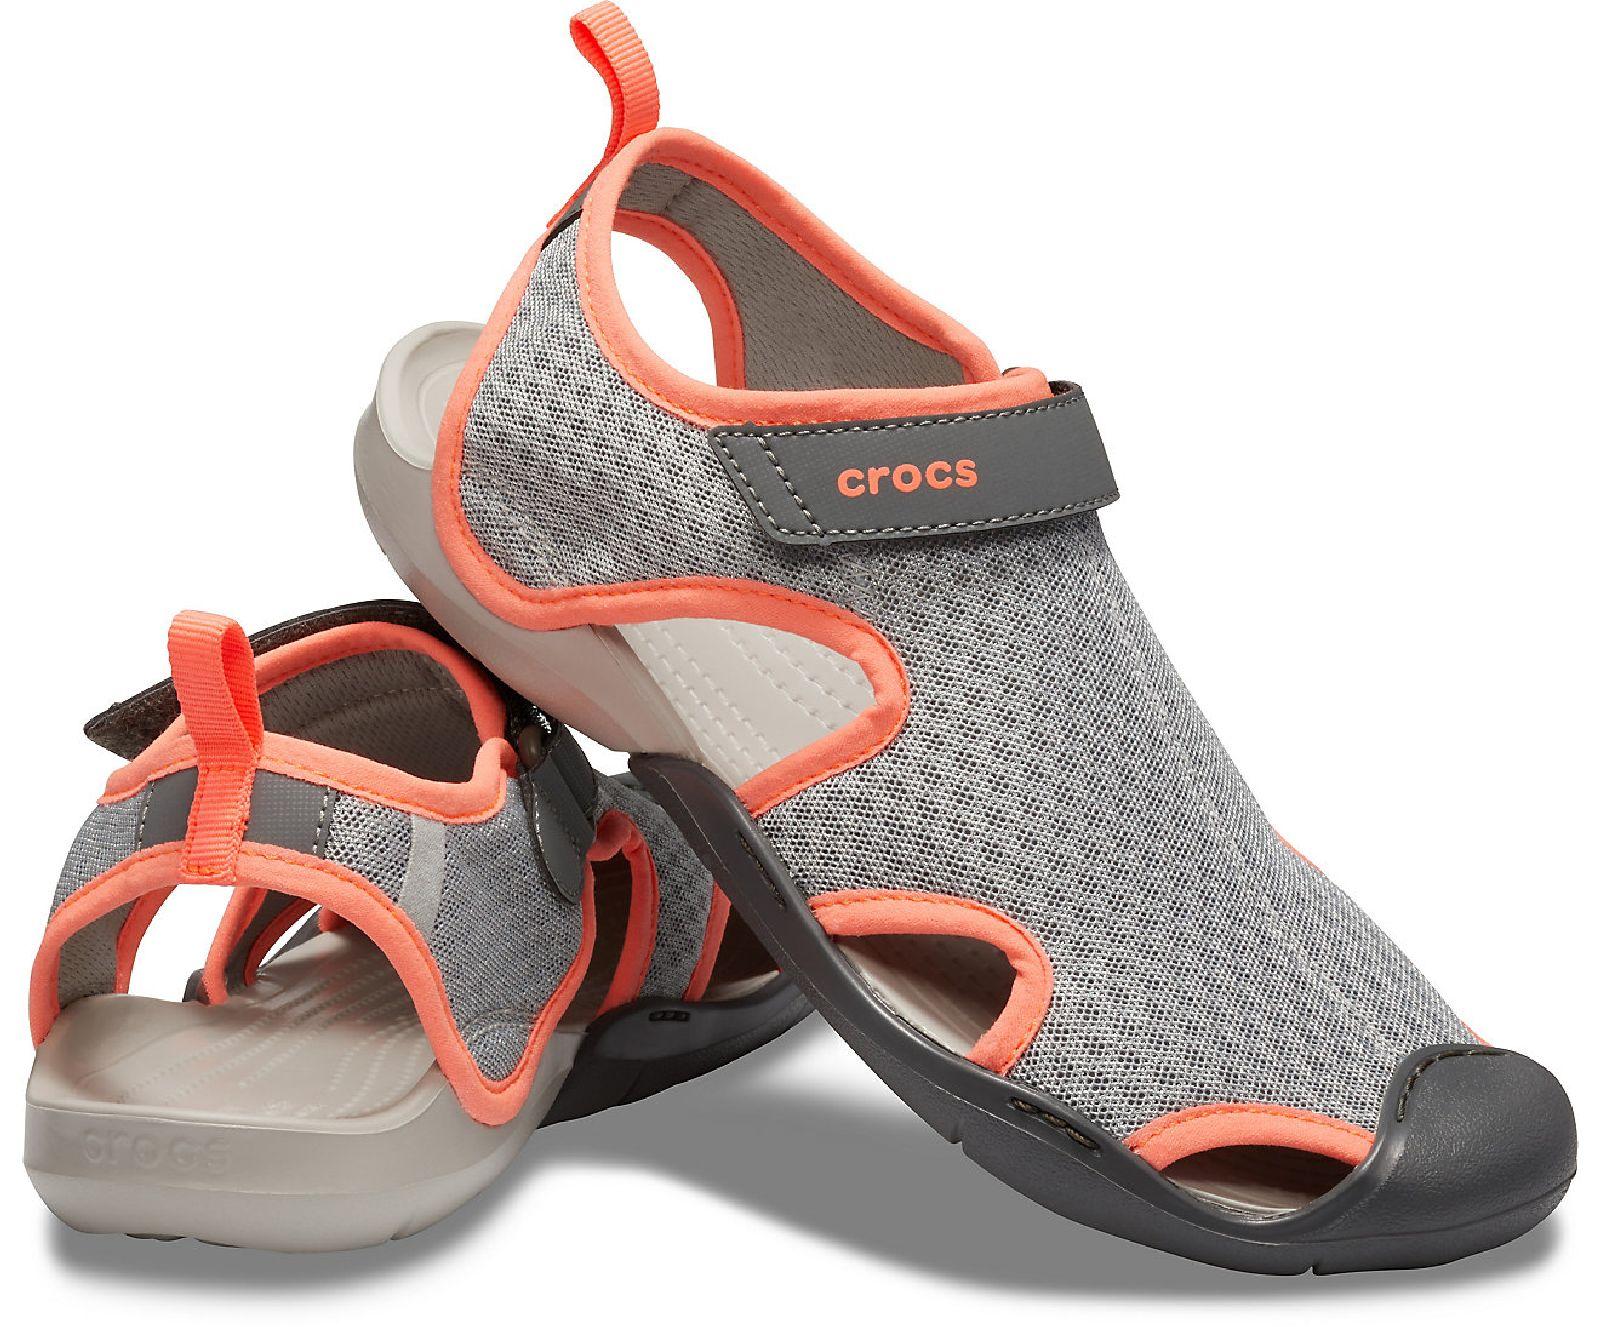 Crocs Damen Kelli Sandalen Freizeit Sommer Schuhe